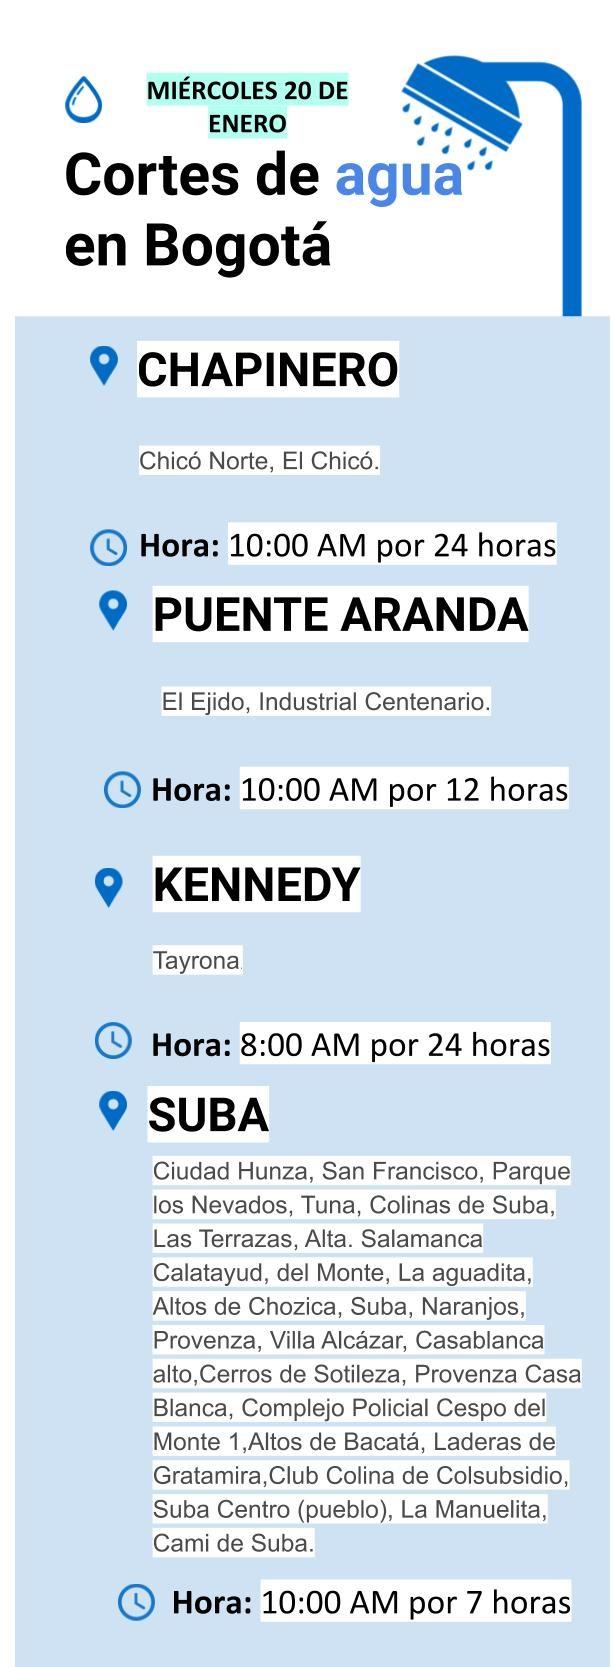 Cortes agua para el miércoles 20 de enero en Bogotá